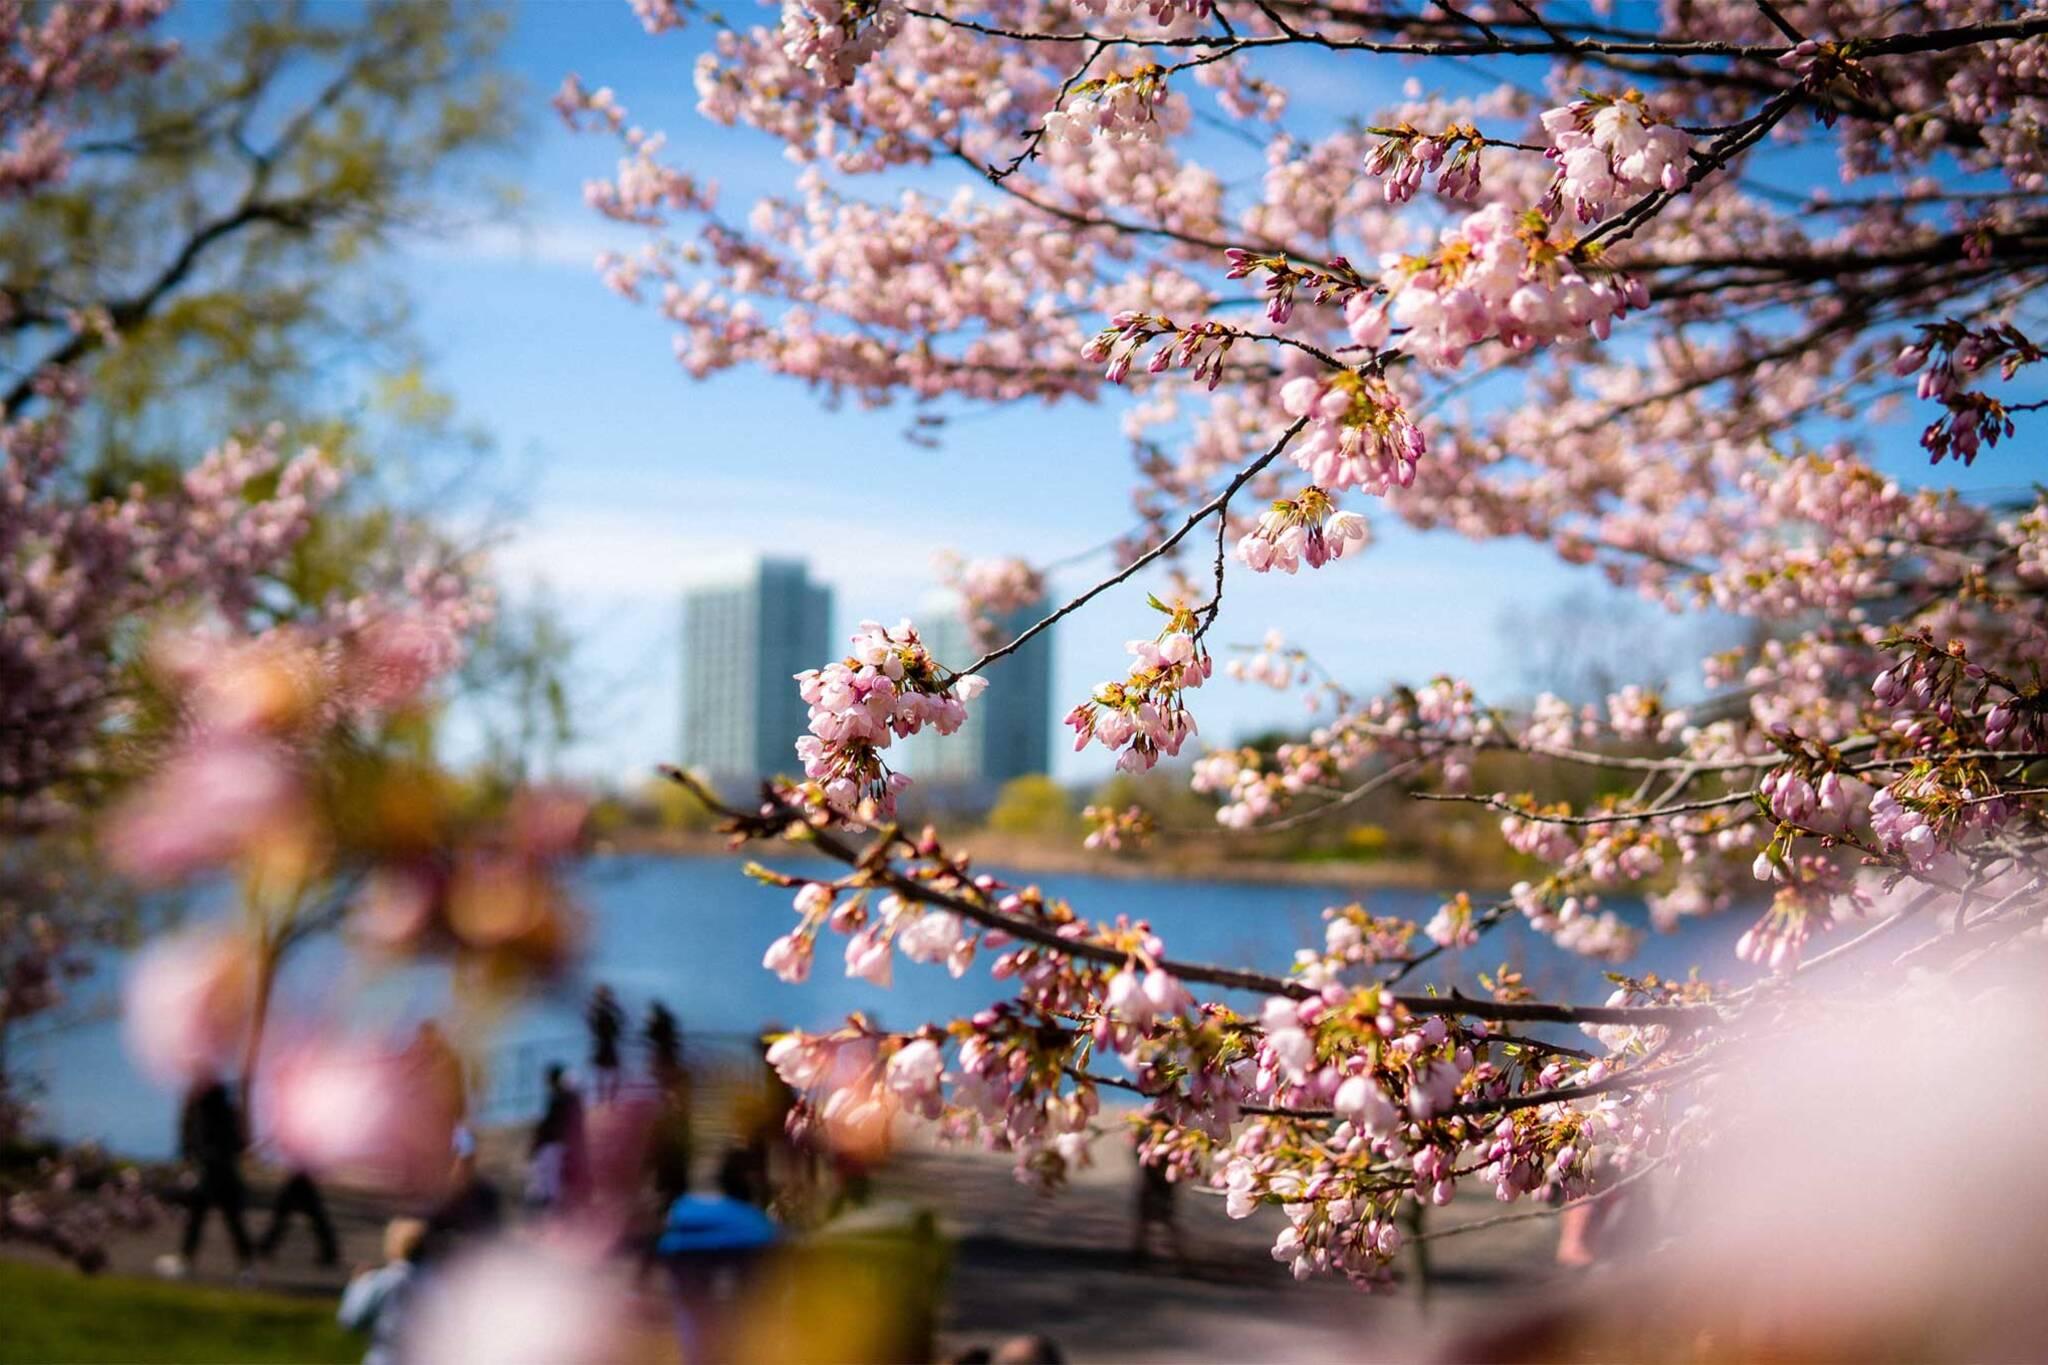 spring forecast 2020 Canada